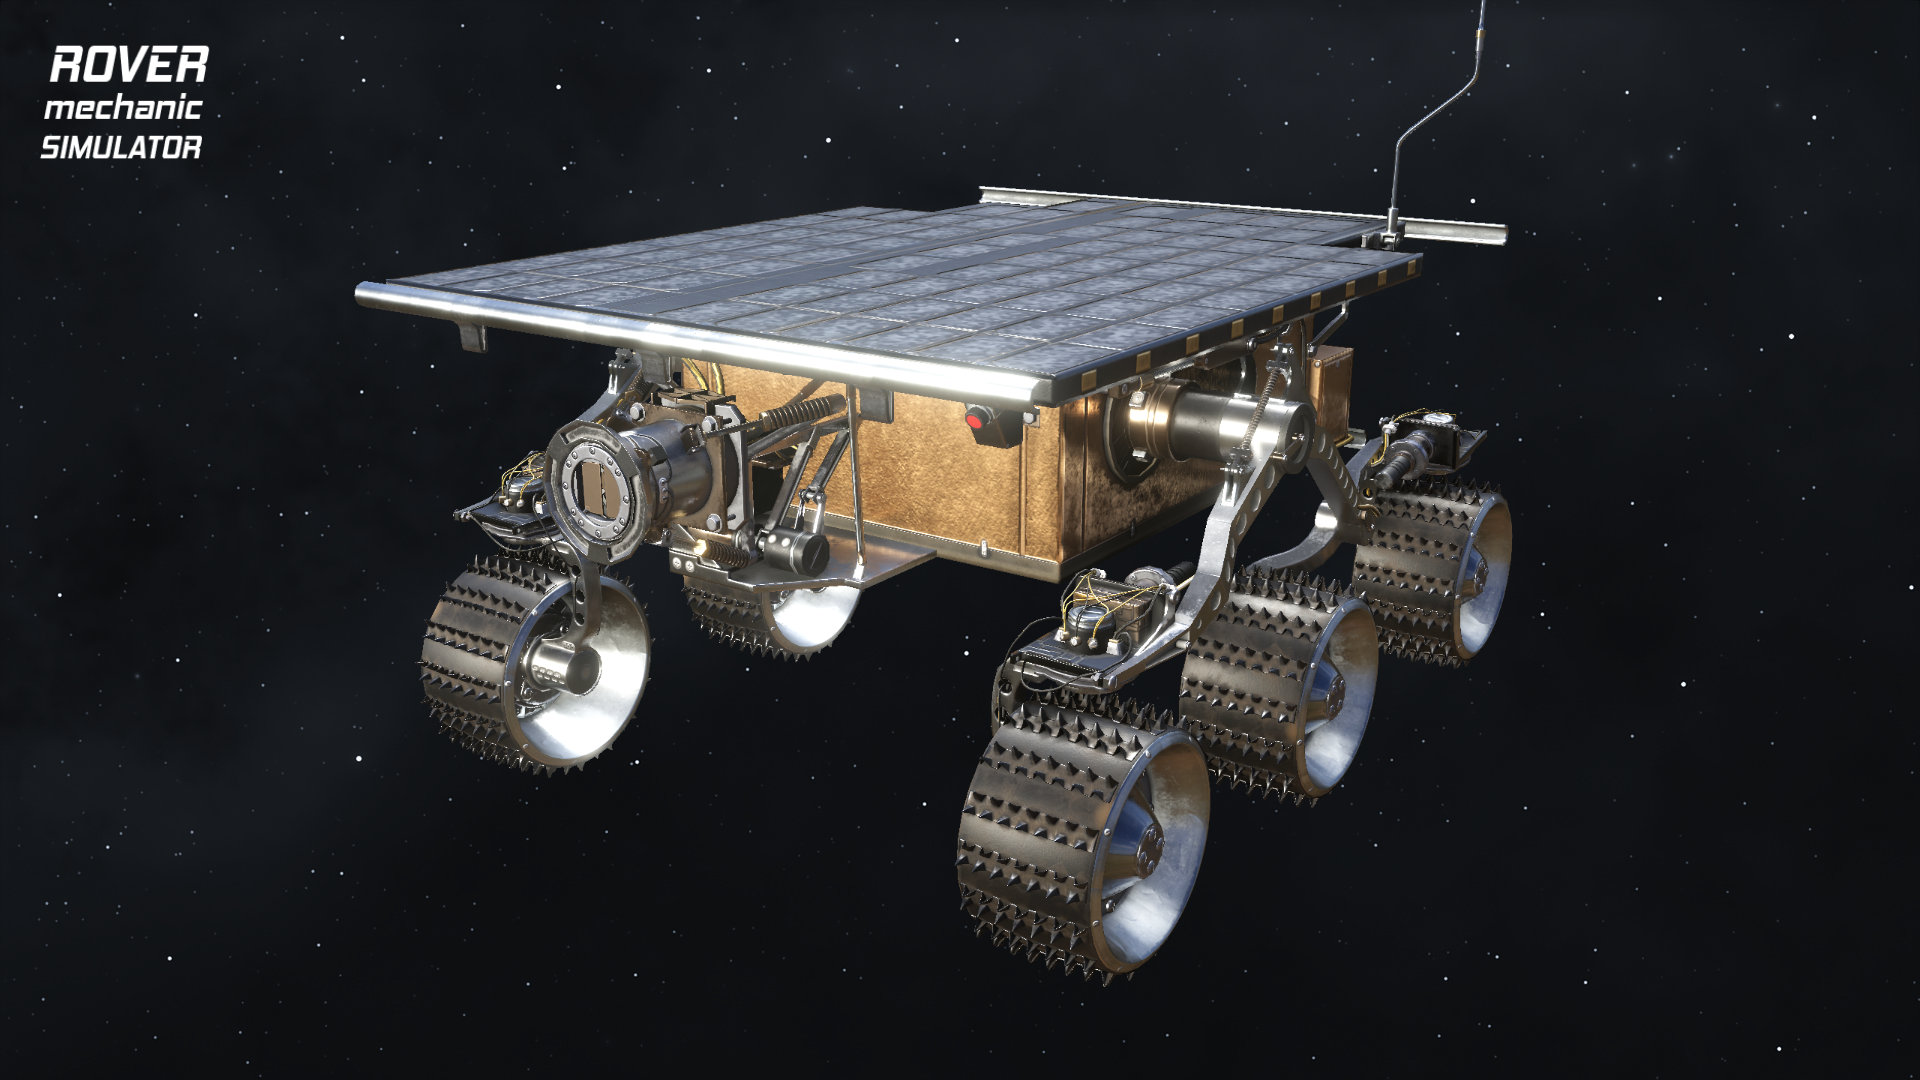 Sojourner Rover